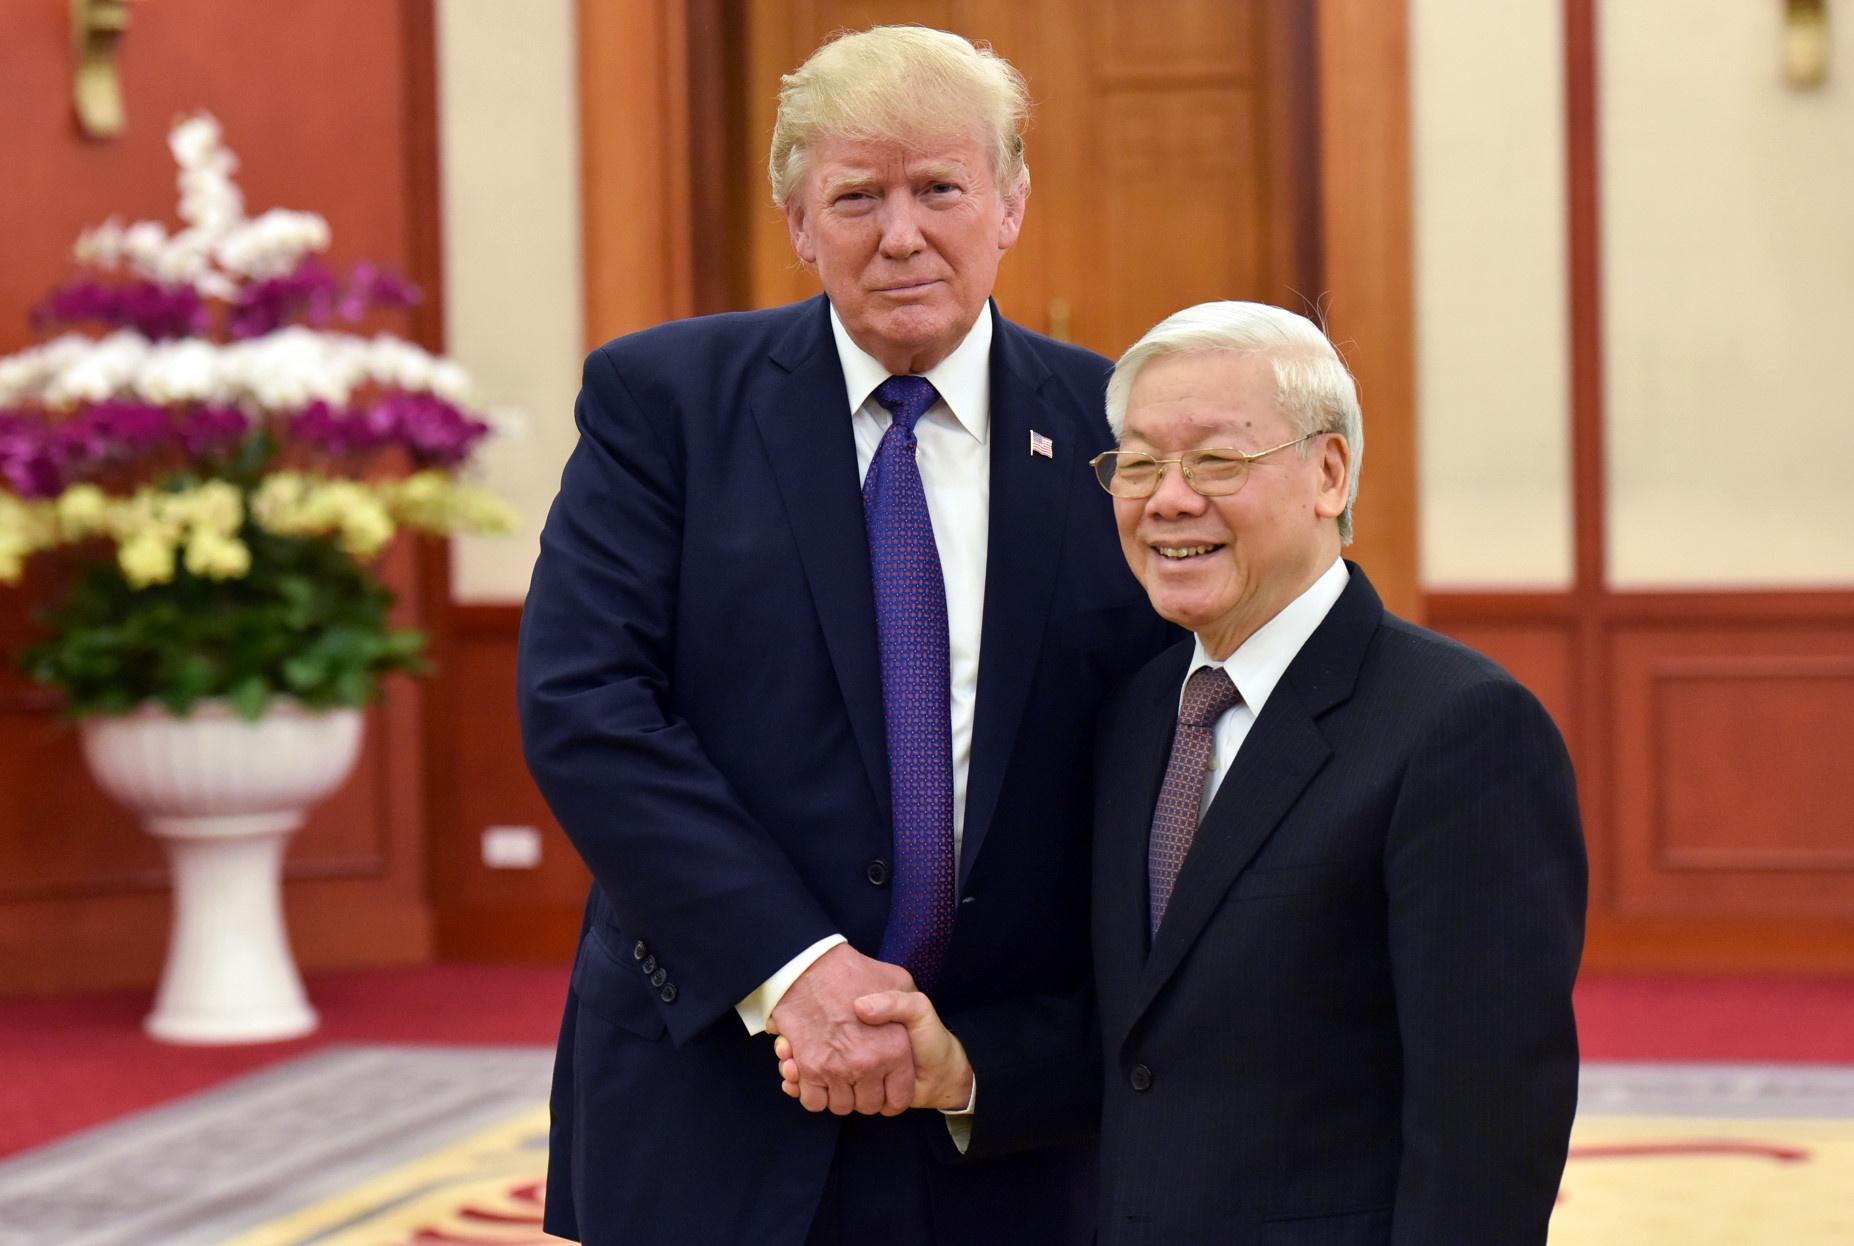 TT Trump toi VN: 'Quan he Viet - My phat trien qua nhanh, vuot bac' hinh anh 8